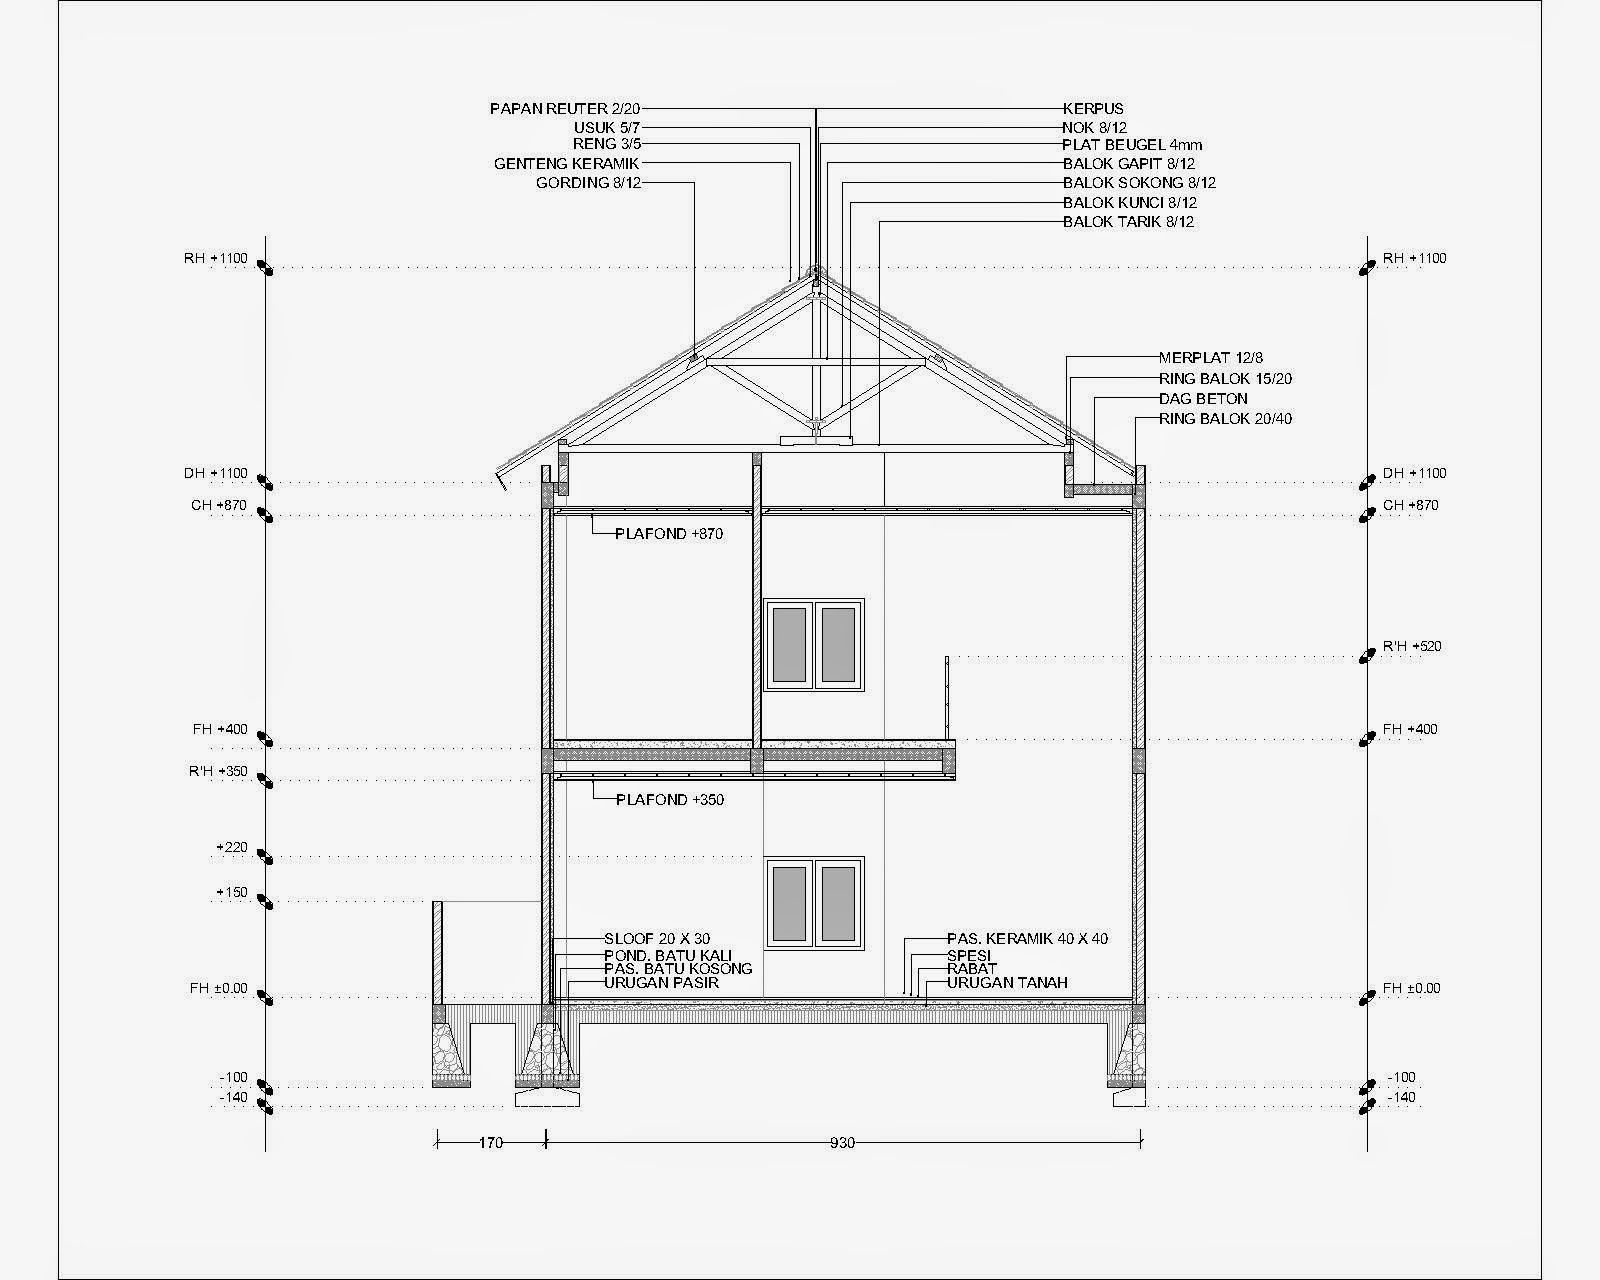 Contoh gambar potongan rumah minimalis menggunakan autocad griya contoh gambar potongan rumah minimalis menggunakan autocad griya bagus swarovskicordoba Images